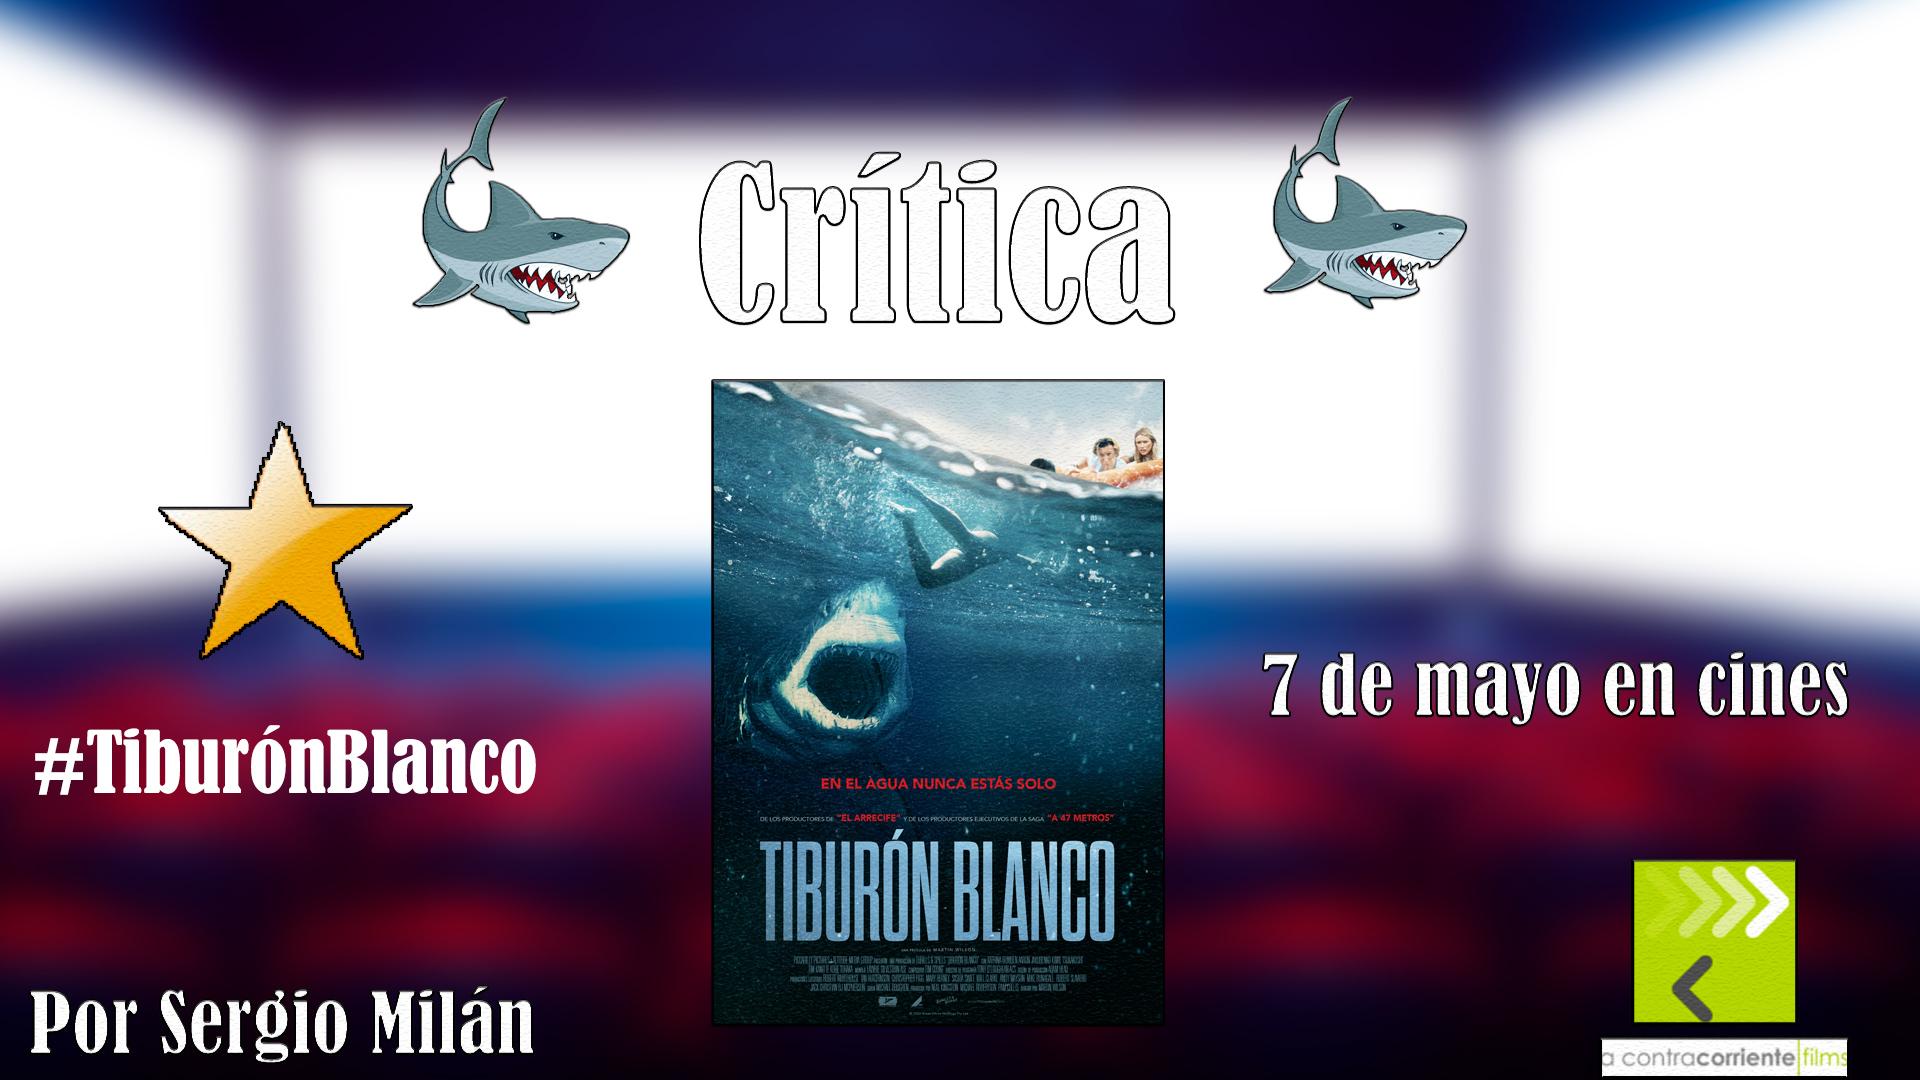 'Tiburón Blanco': No os confundáis, el tiburón no es más malo que el guionista